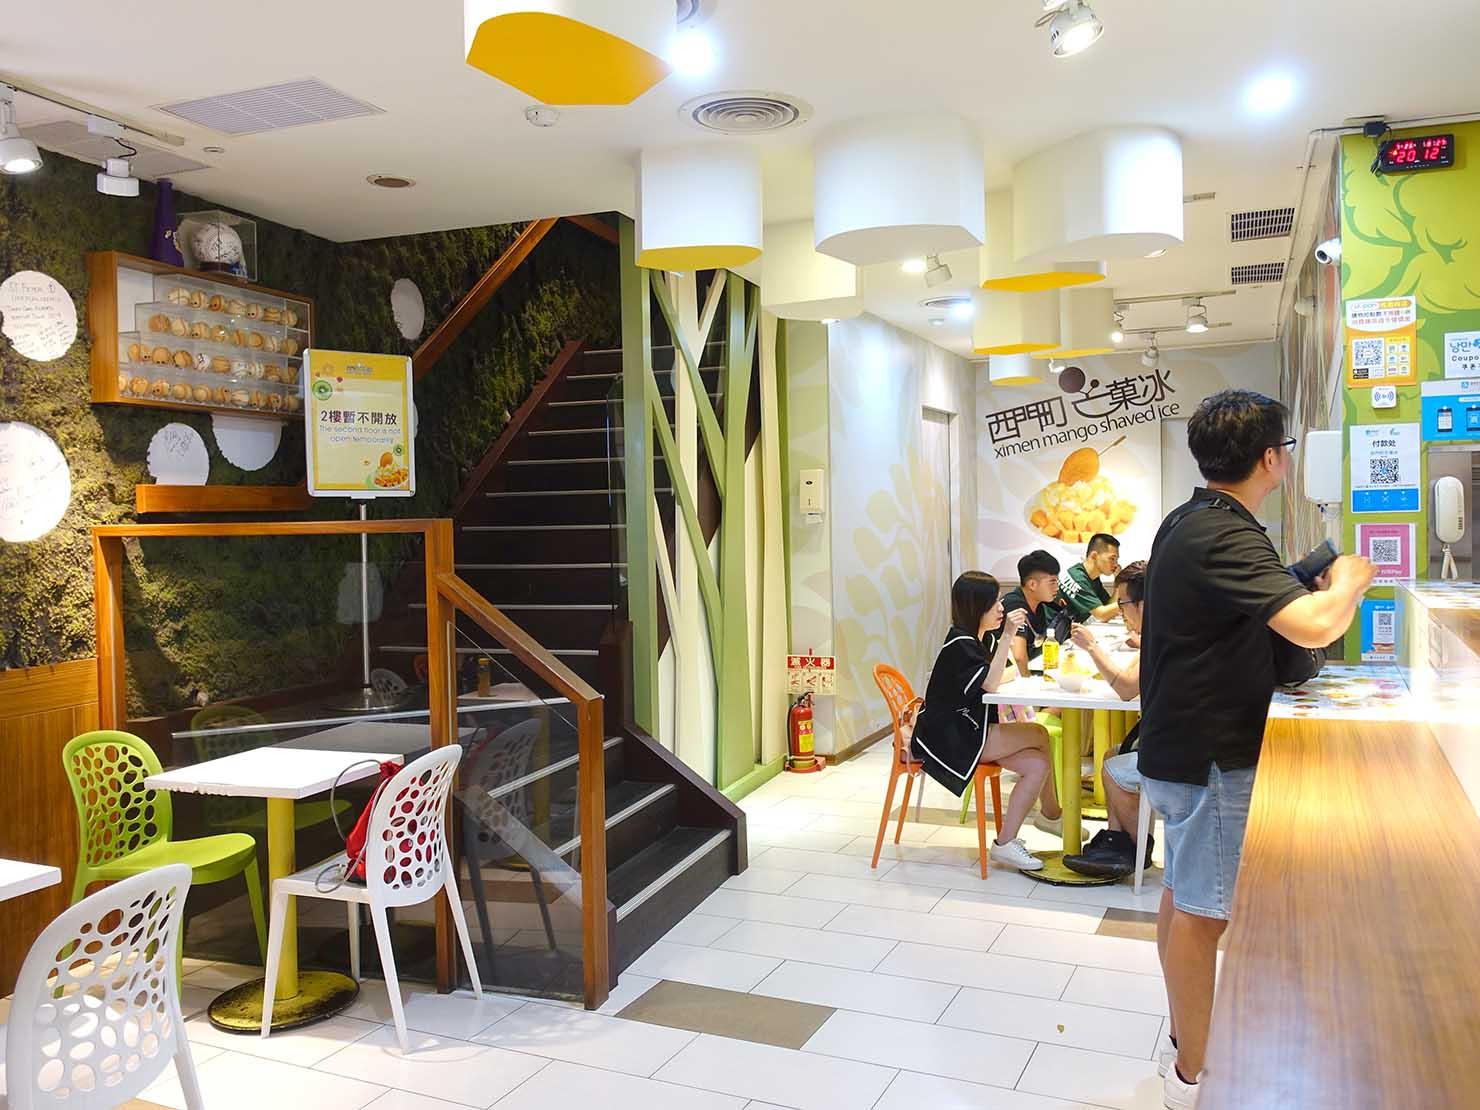 台北・西門町のおすすめひんやりスイーツ店「西門町芒果冰」の店内